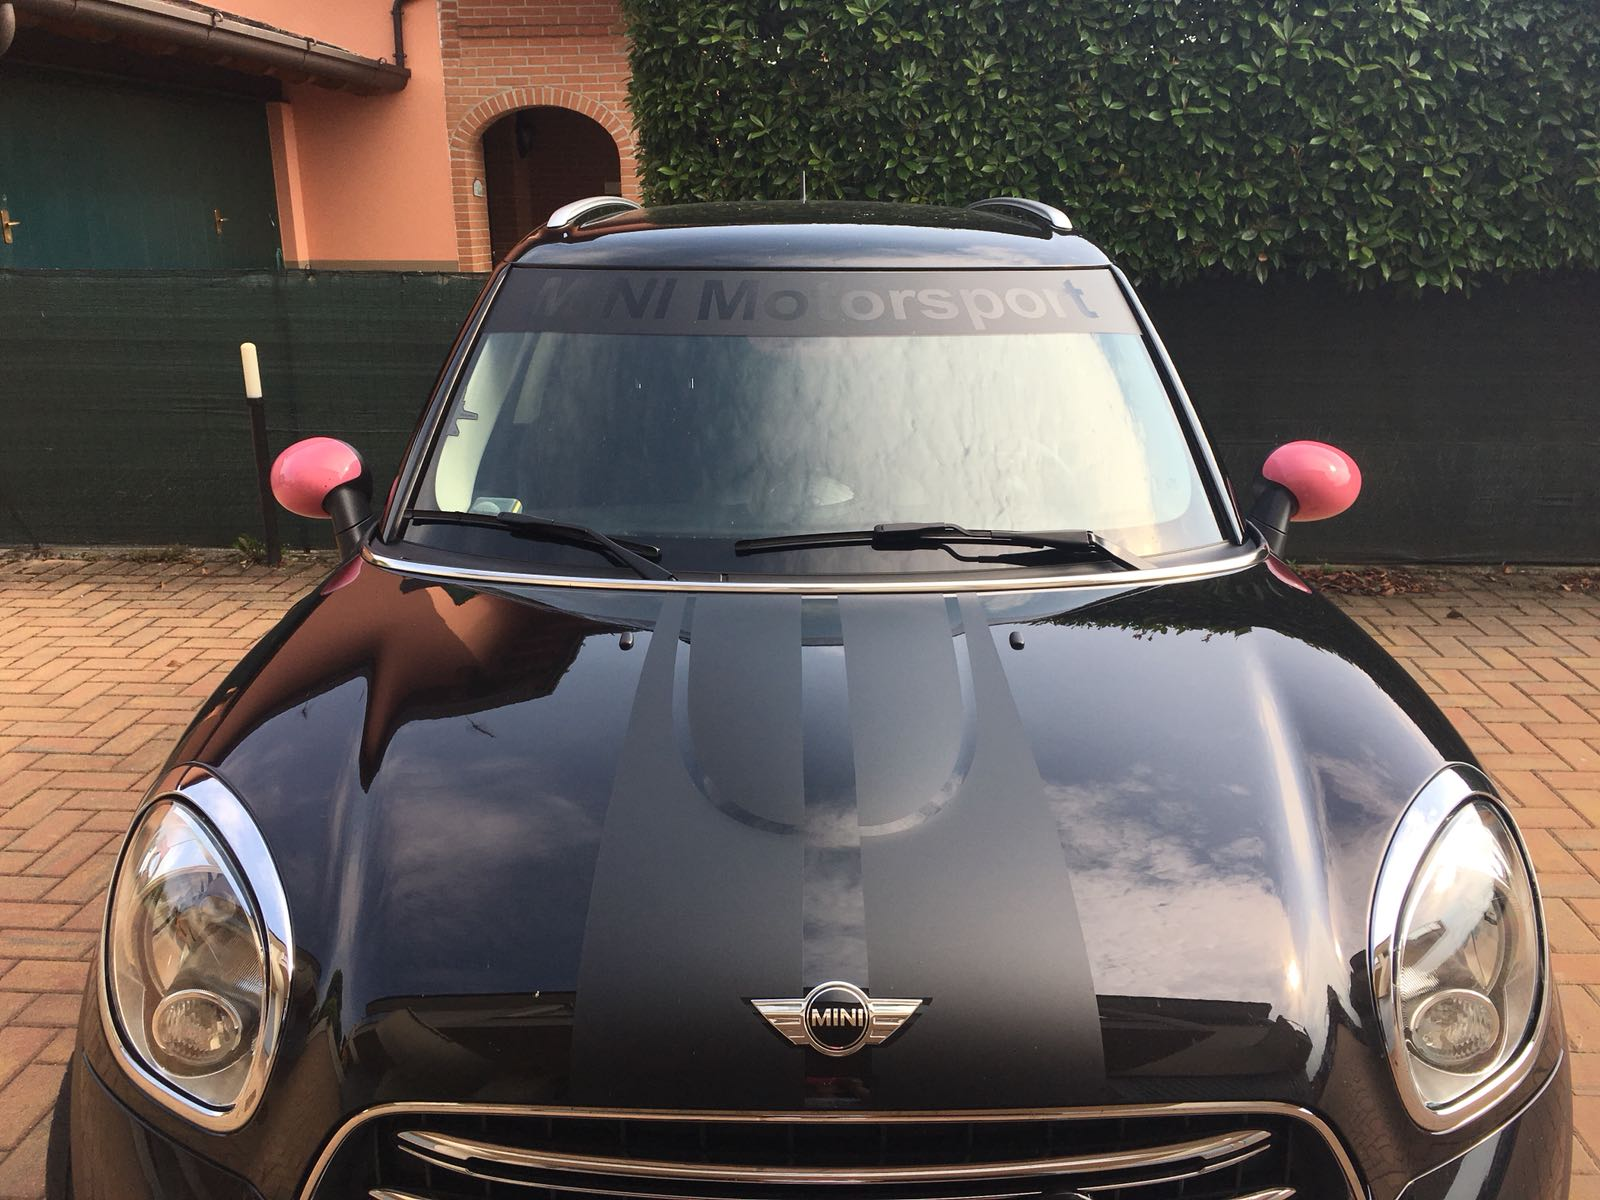 mini r60 + fascione parasole mini motorsport  + grafiche matt black